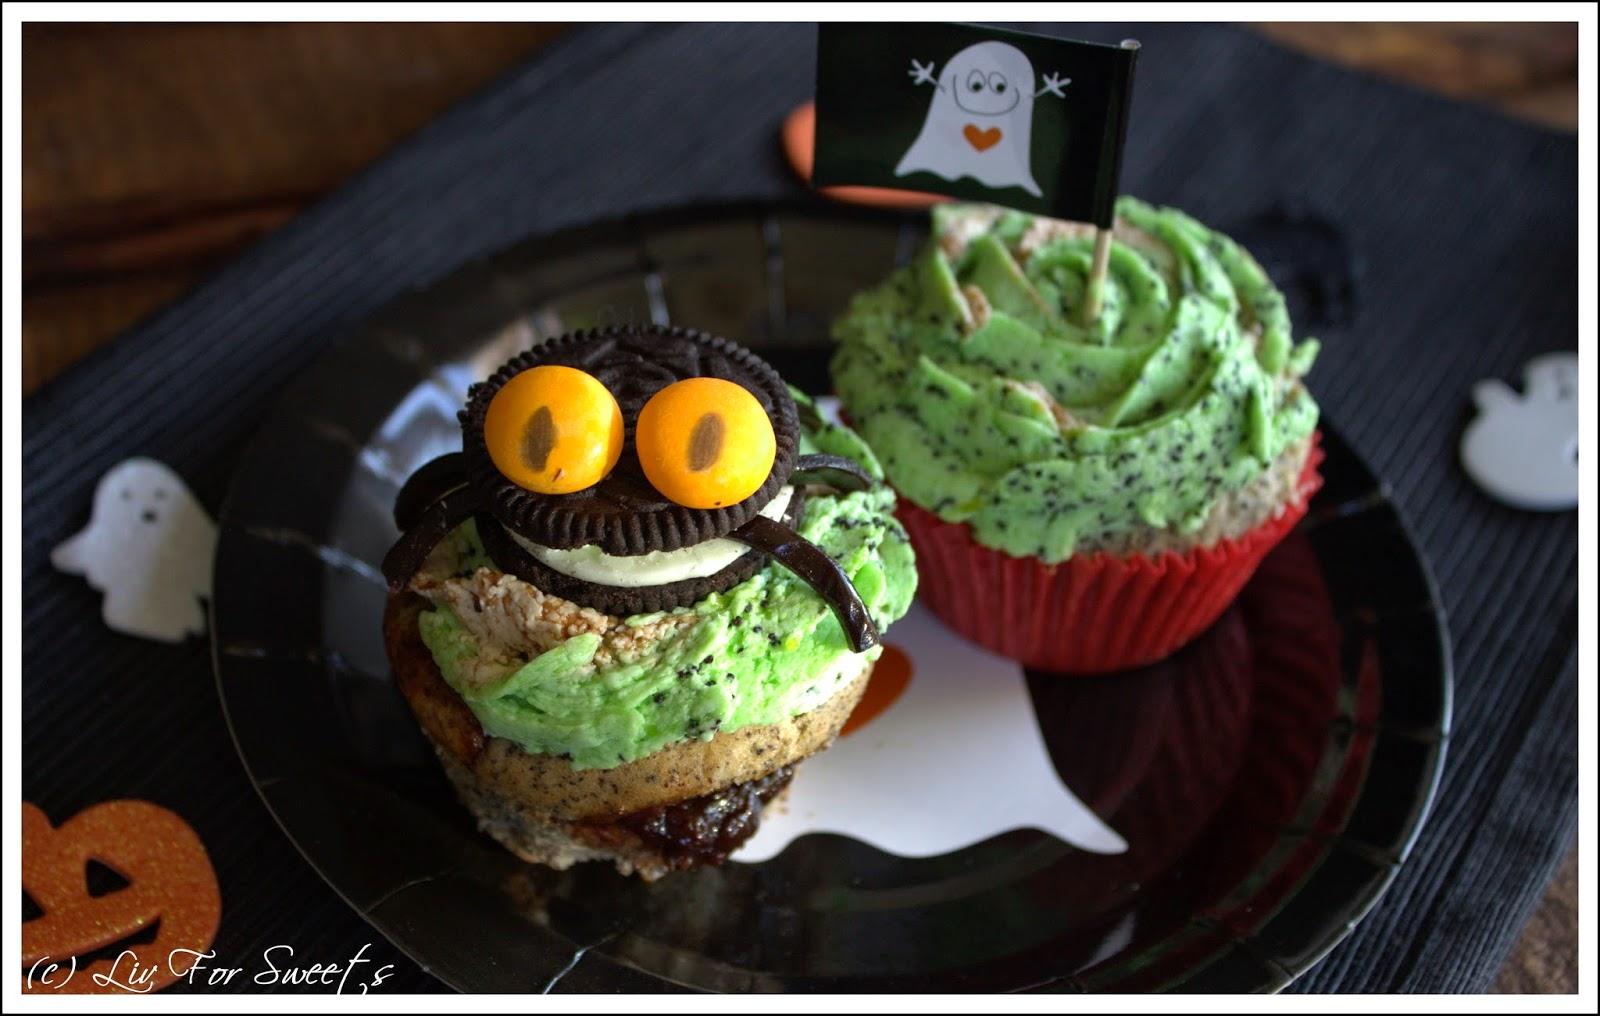 Mohn-Cupcakes mit einer Füllung aus Pflaumenmus und einem Pudding-Buttercreme-Frosting mit Mohn und Pflaumenmus, eine Spinne aus Keks und Lakritzschnecke, Rezept, Thermomix, TM31, Halloween